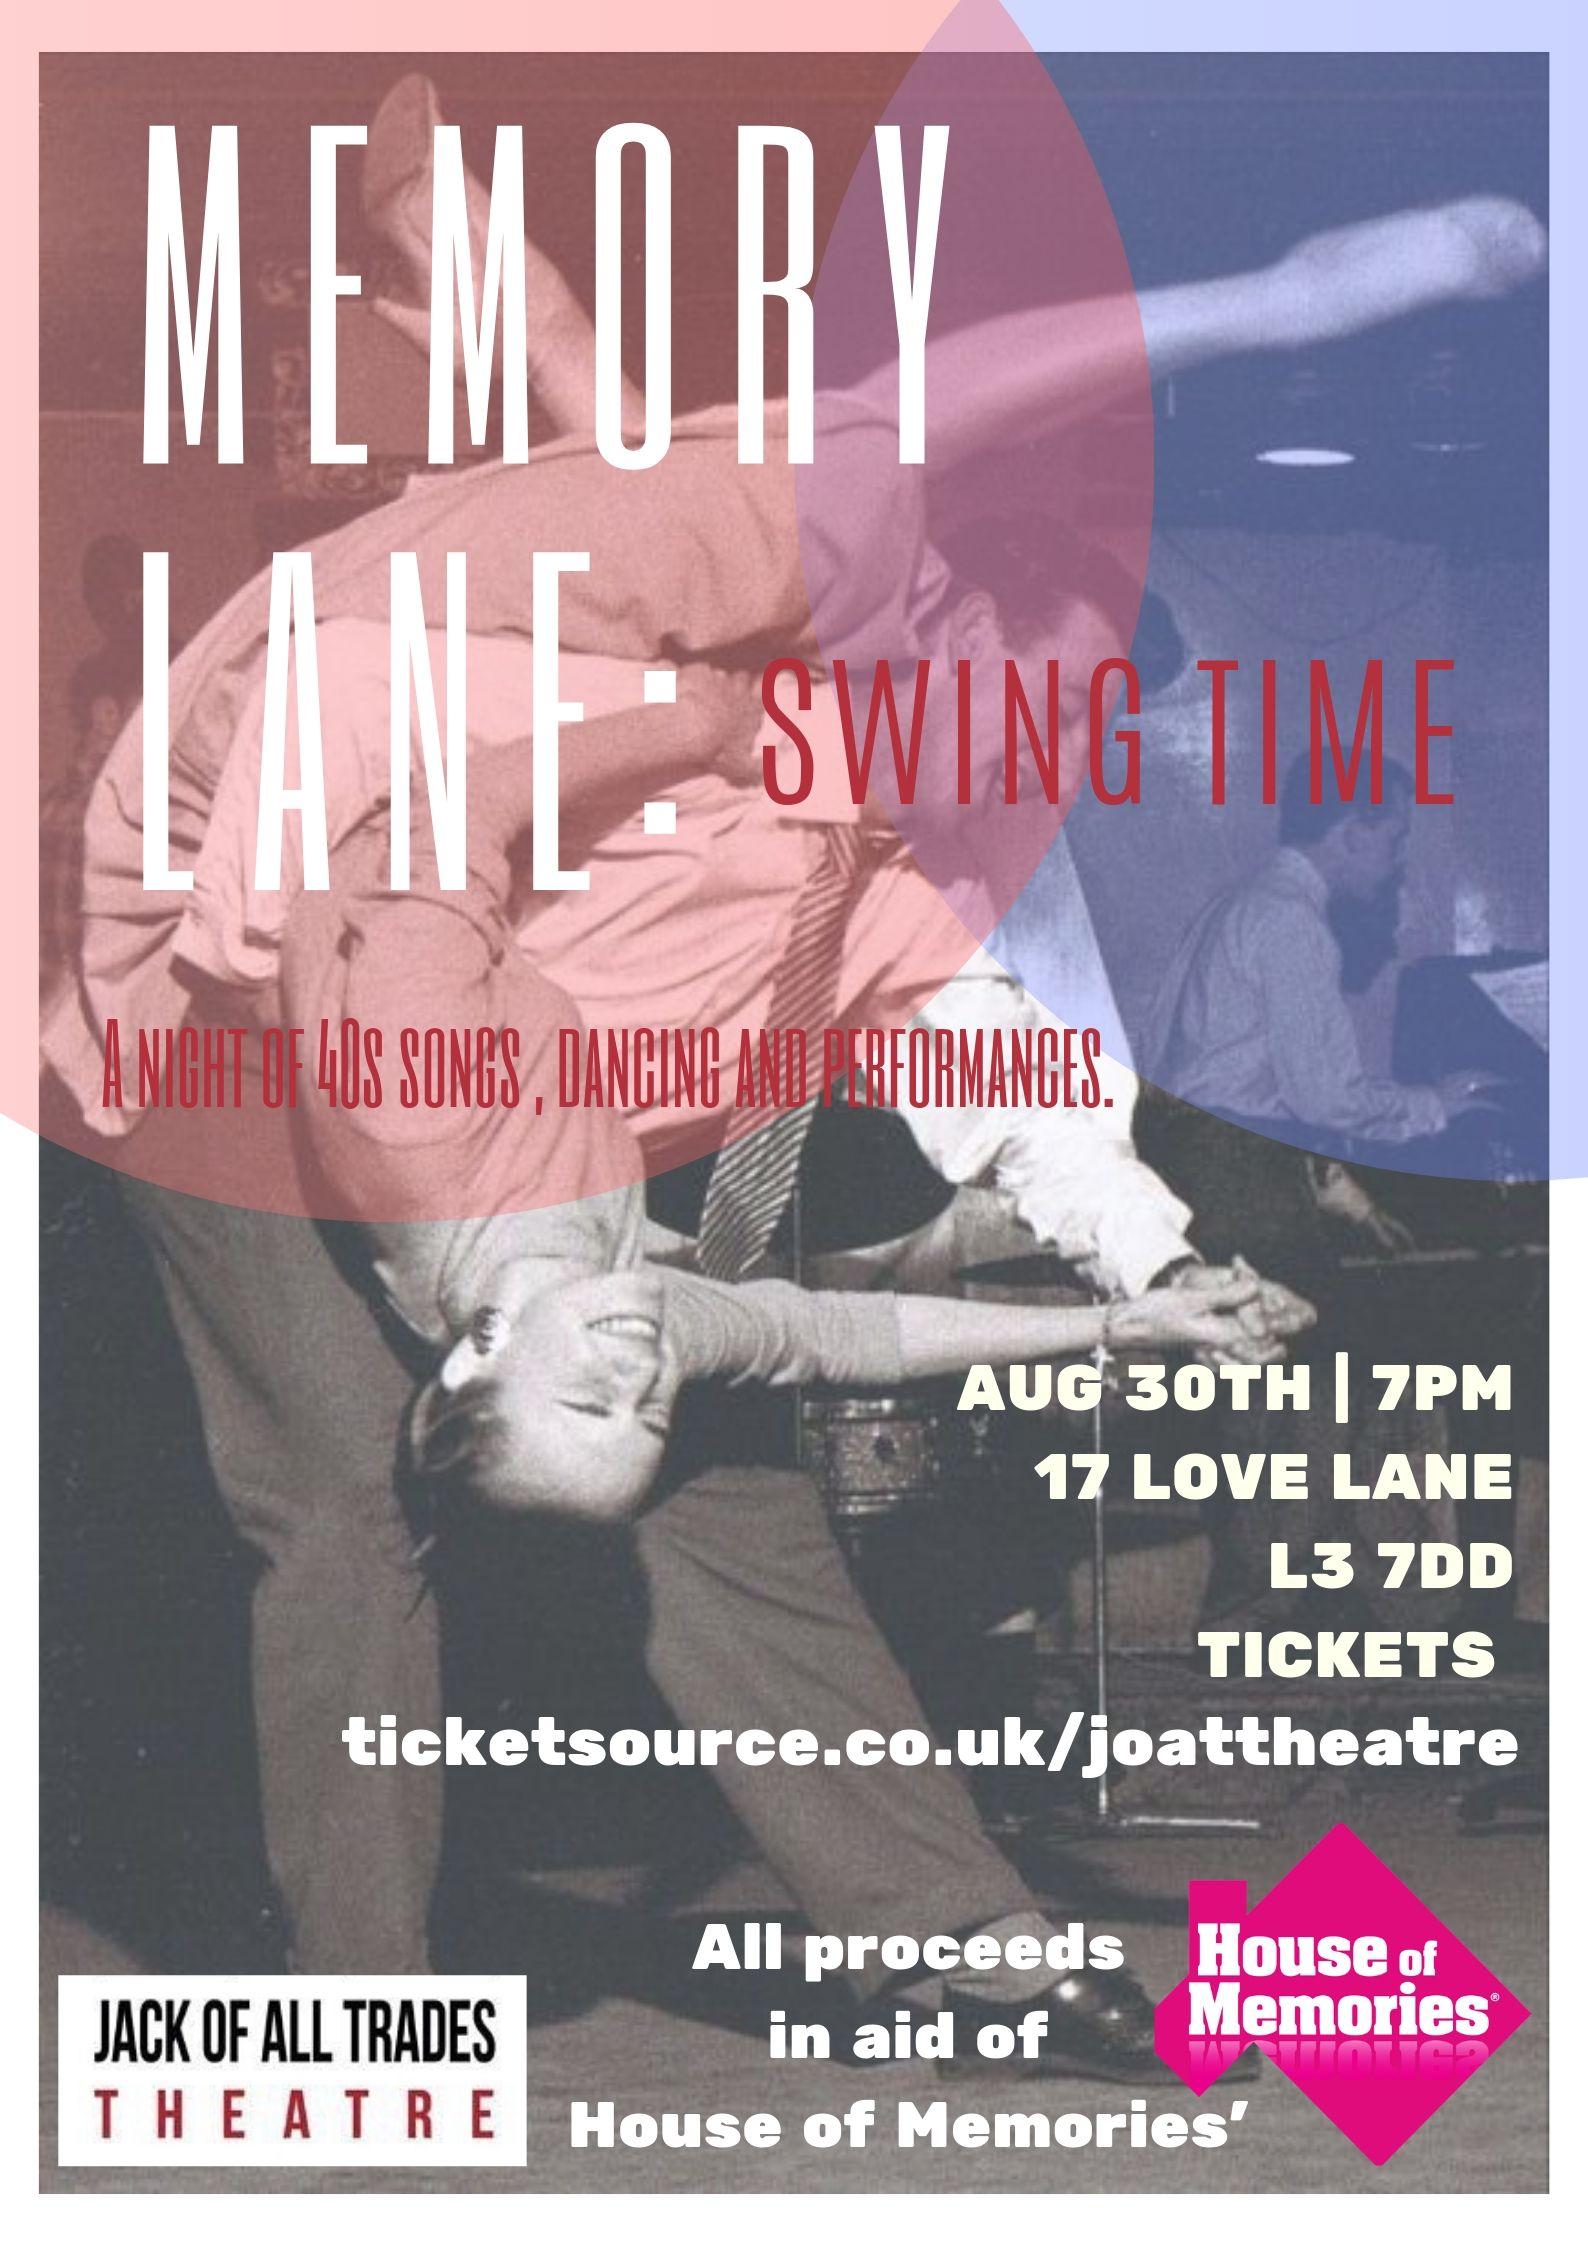 MEMORY LANE : Swing Time banner image